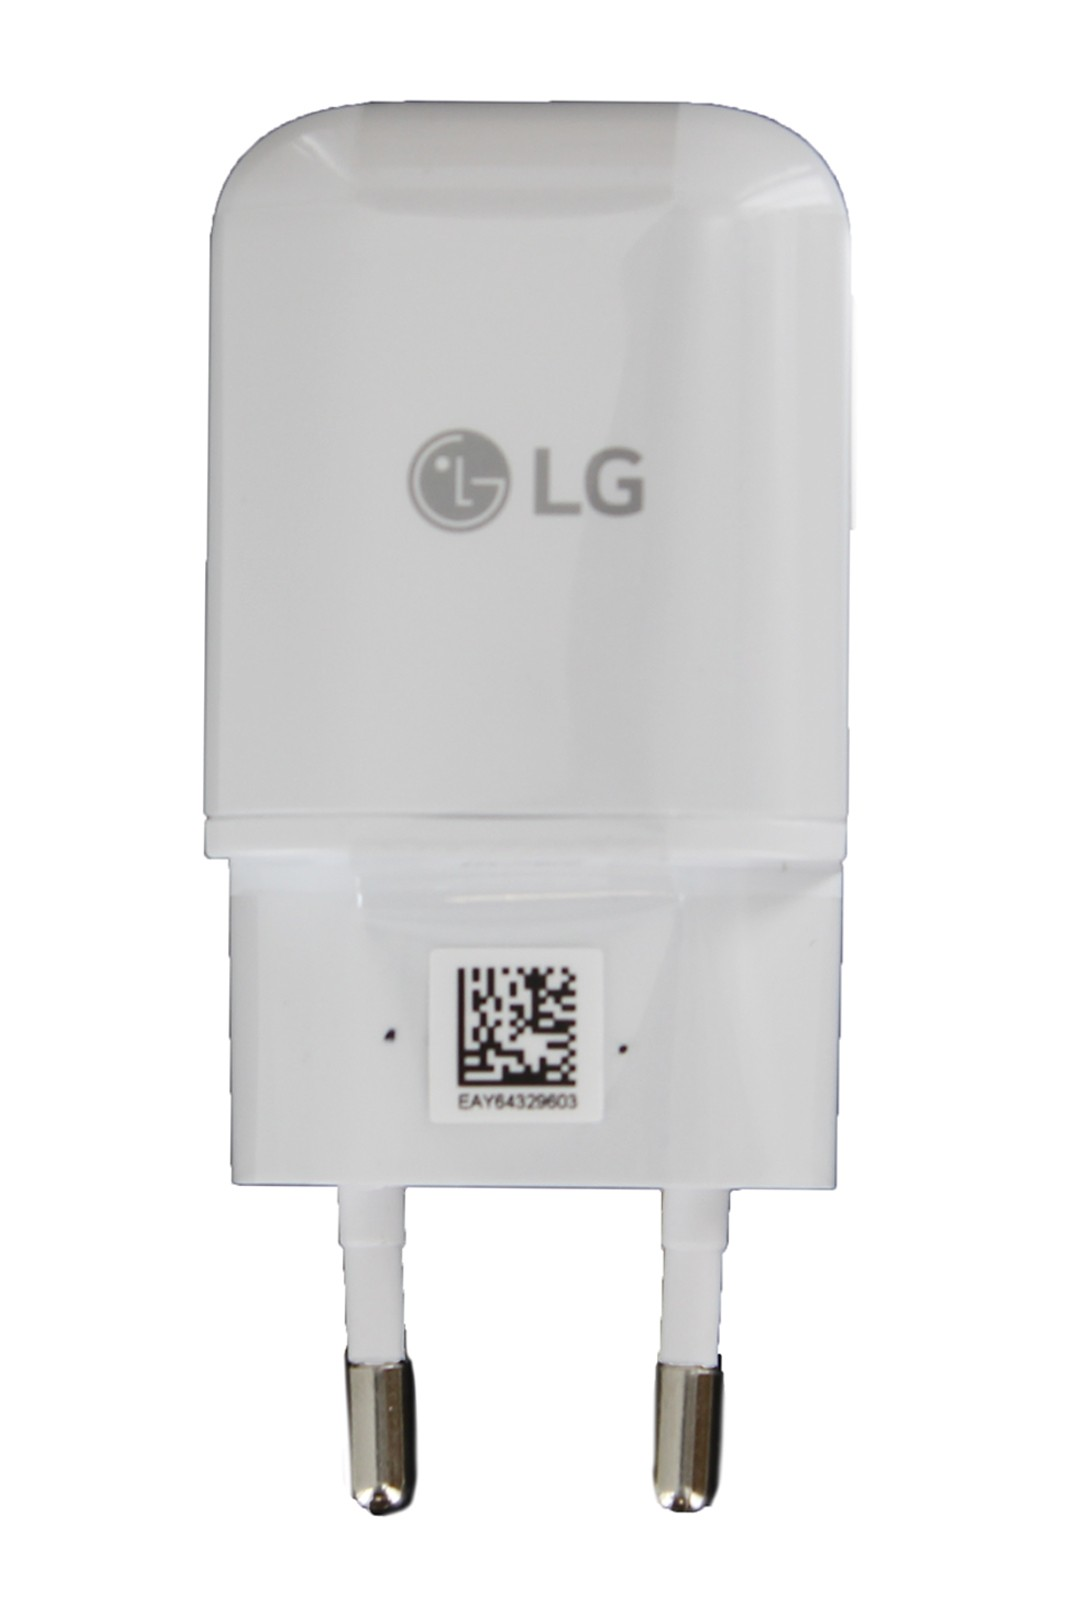 Genuine LG MCS-H05ER / MCS-H05EP 1 8Amp White USB Mains Charging